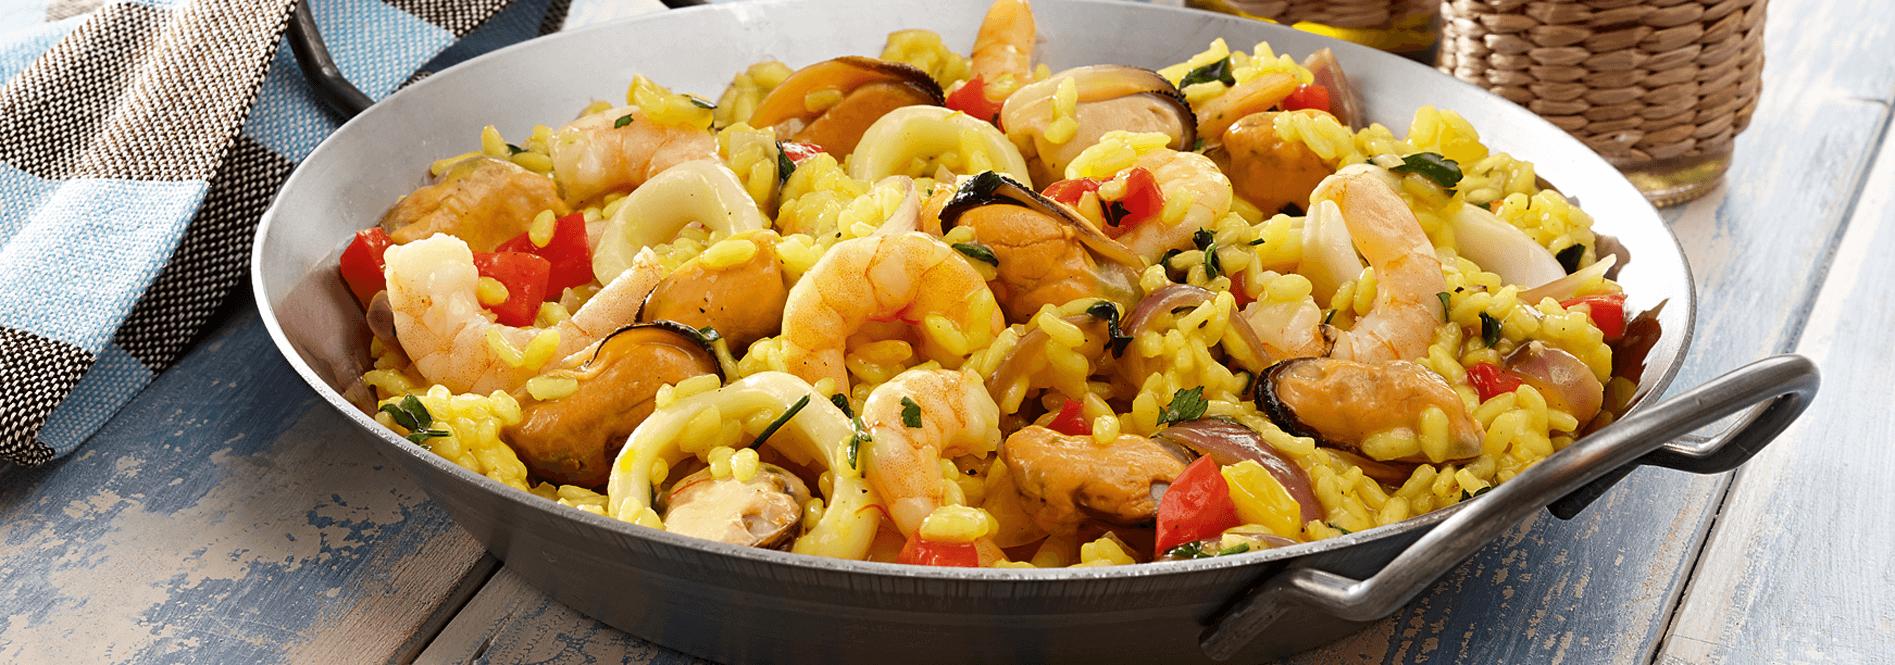 Rezeptfoto Paella mit Meeresfrüchten von COSTA Meeresspezialitäten